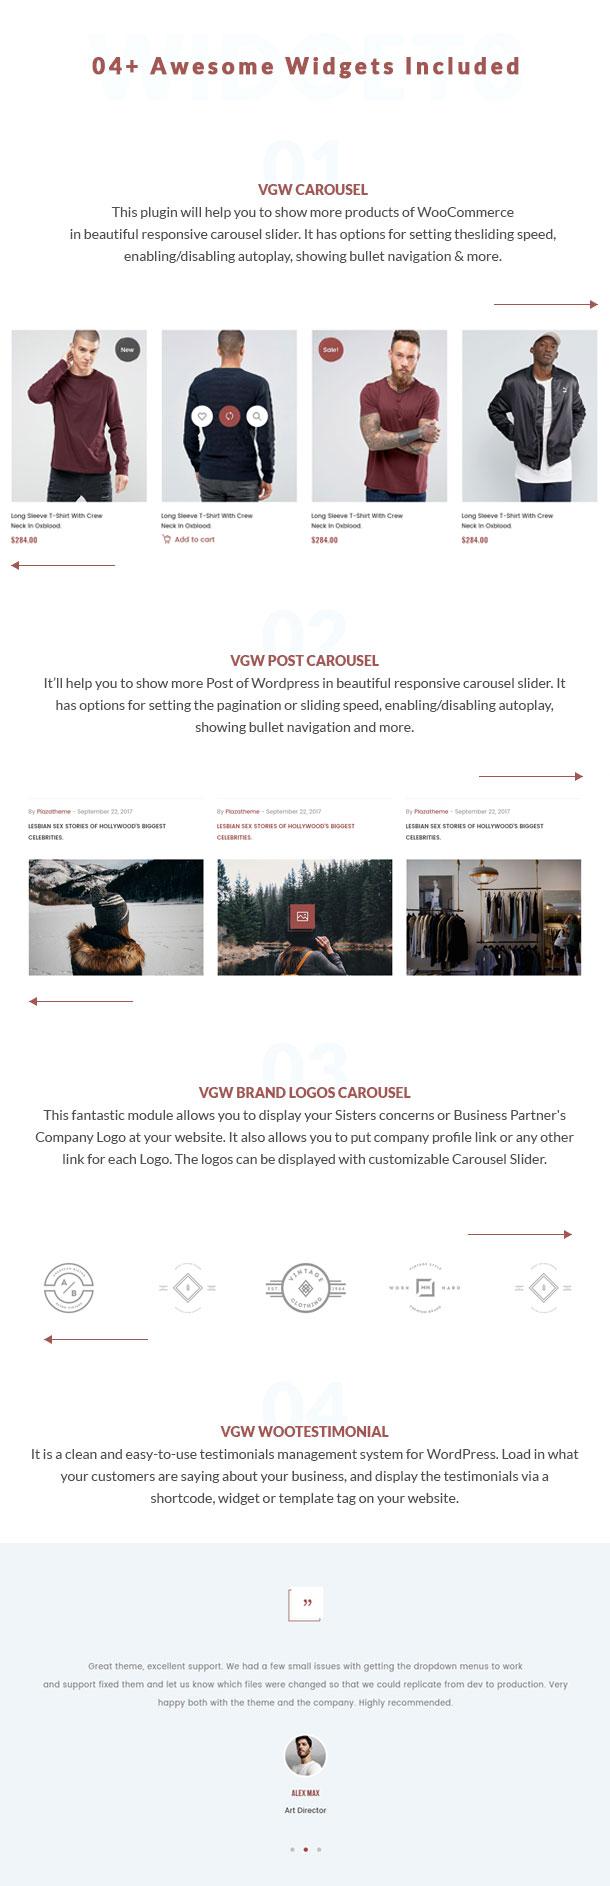 VG T90 - Clean, Minimalist WooCommerce WordPress Theme - 17